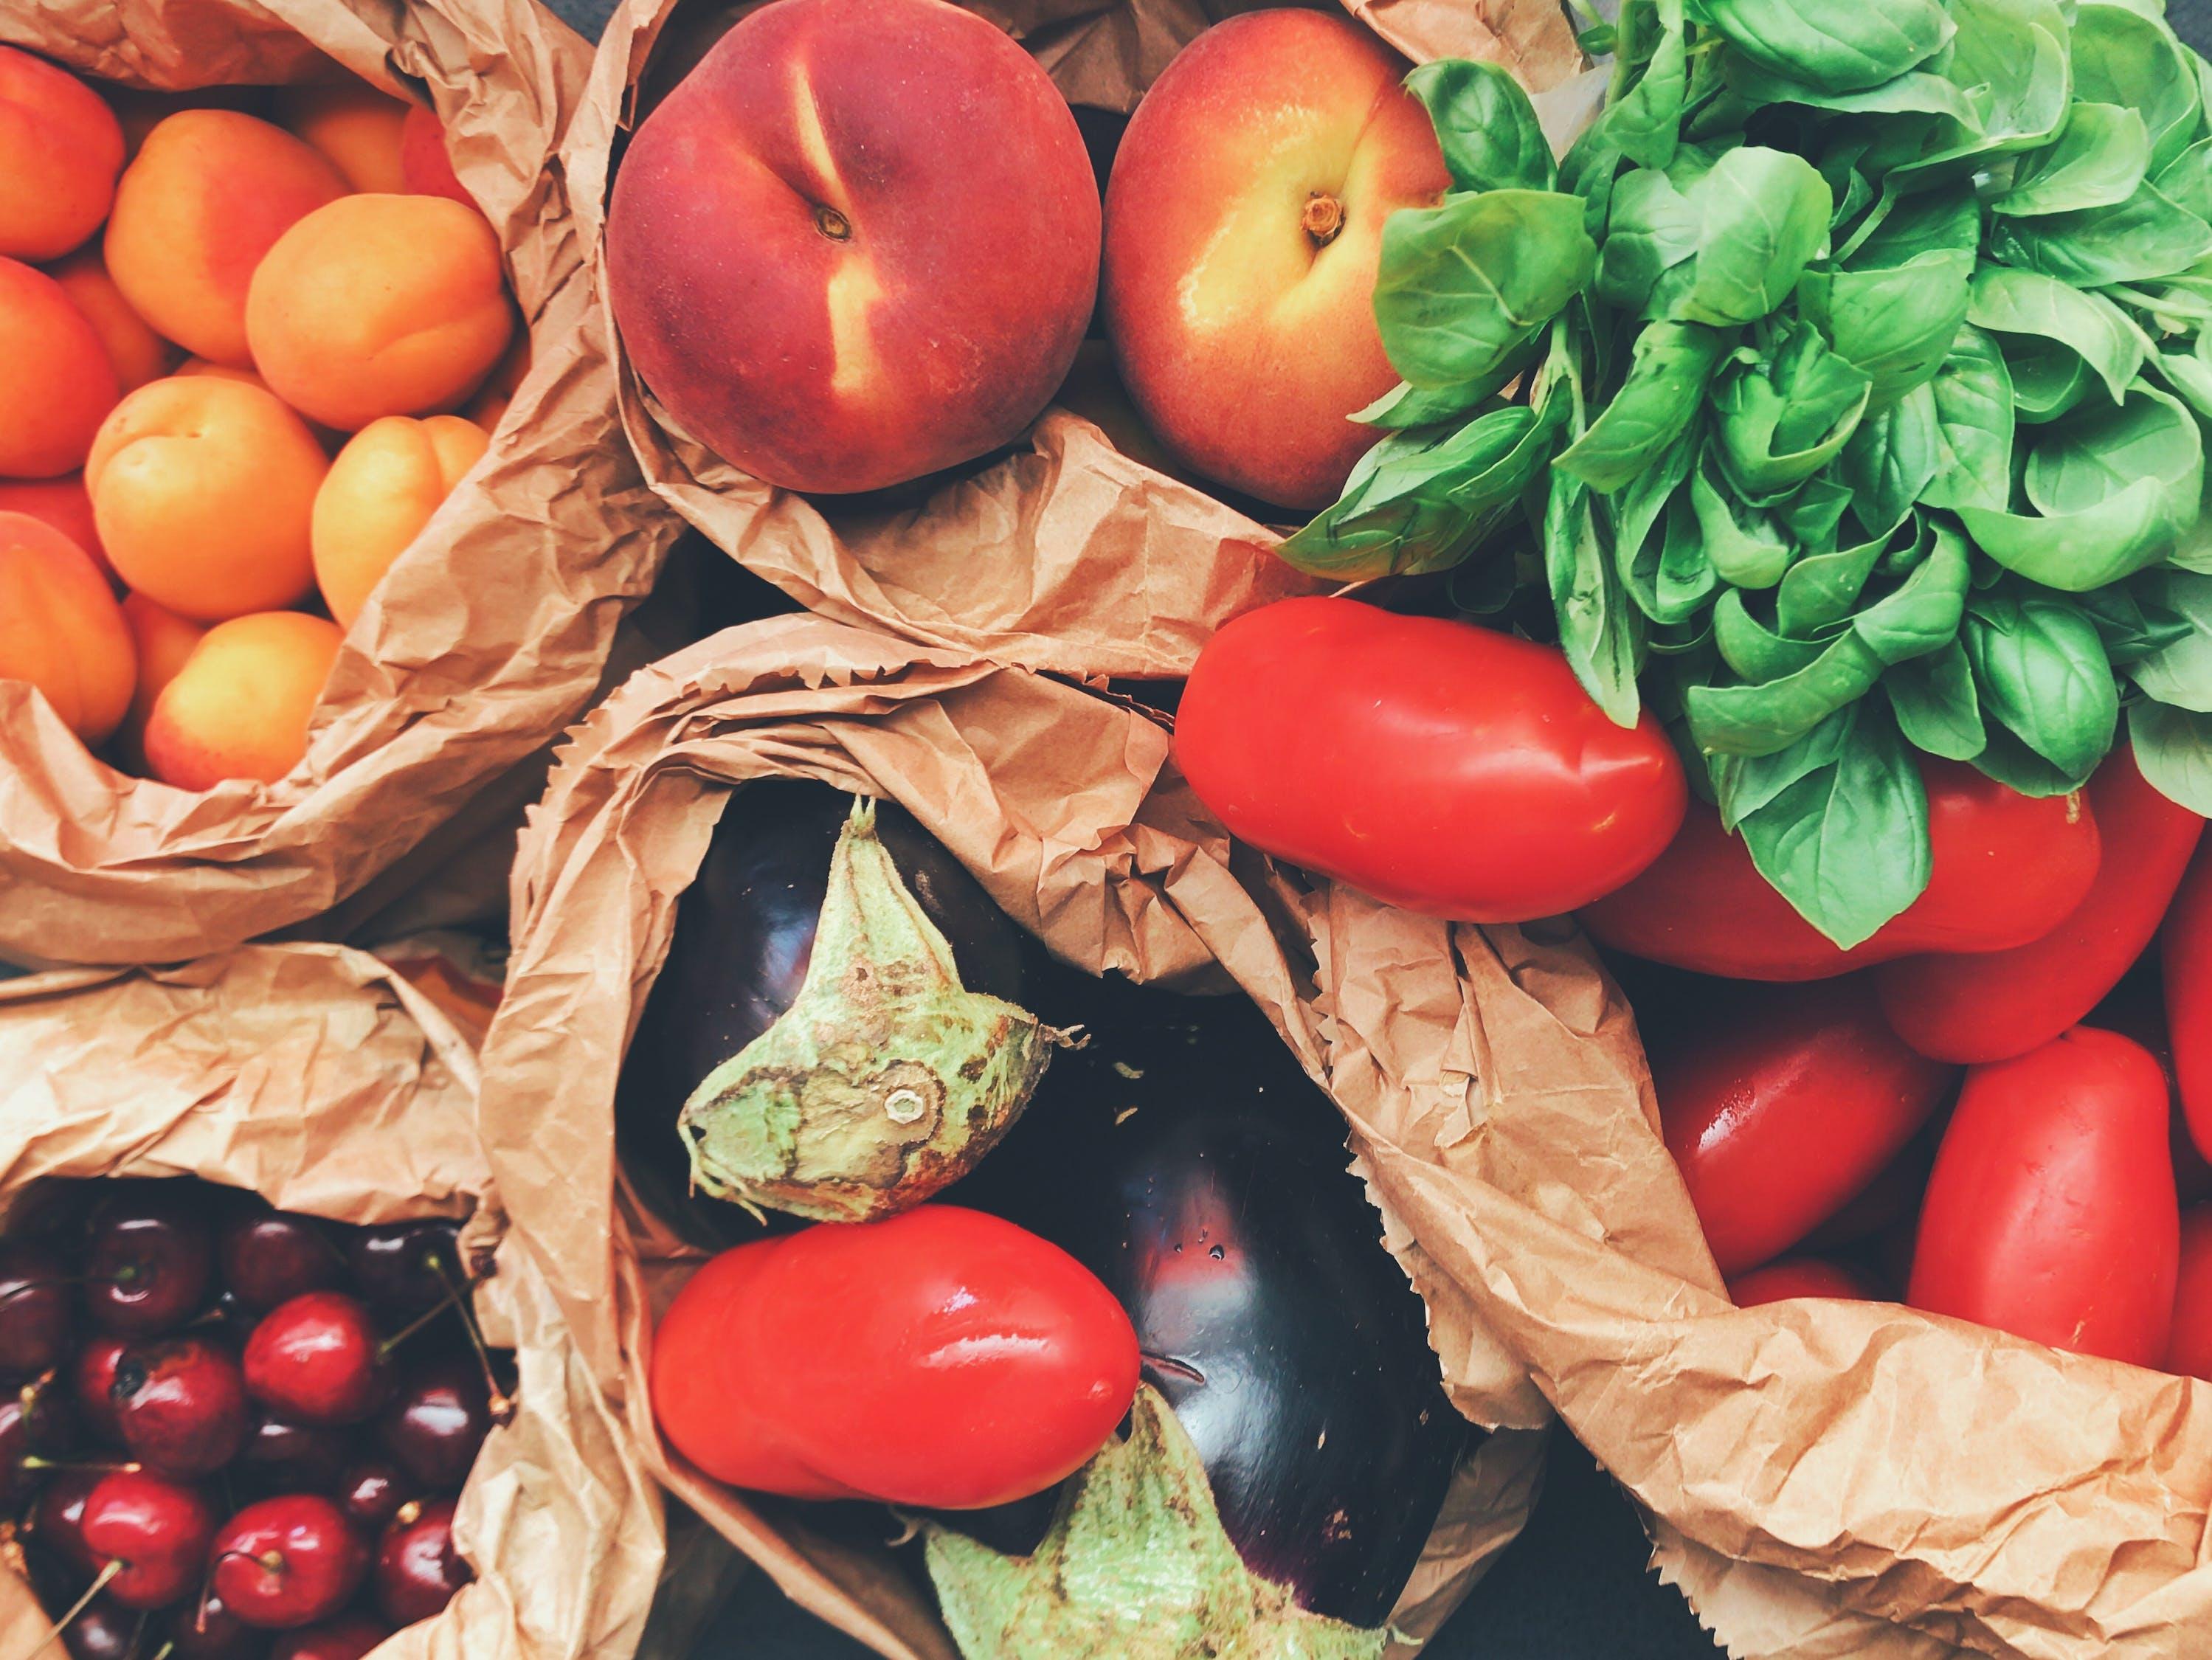 樱桃,食物,新鲜,水果,健康,移动蔬菜,生的,蔬菜